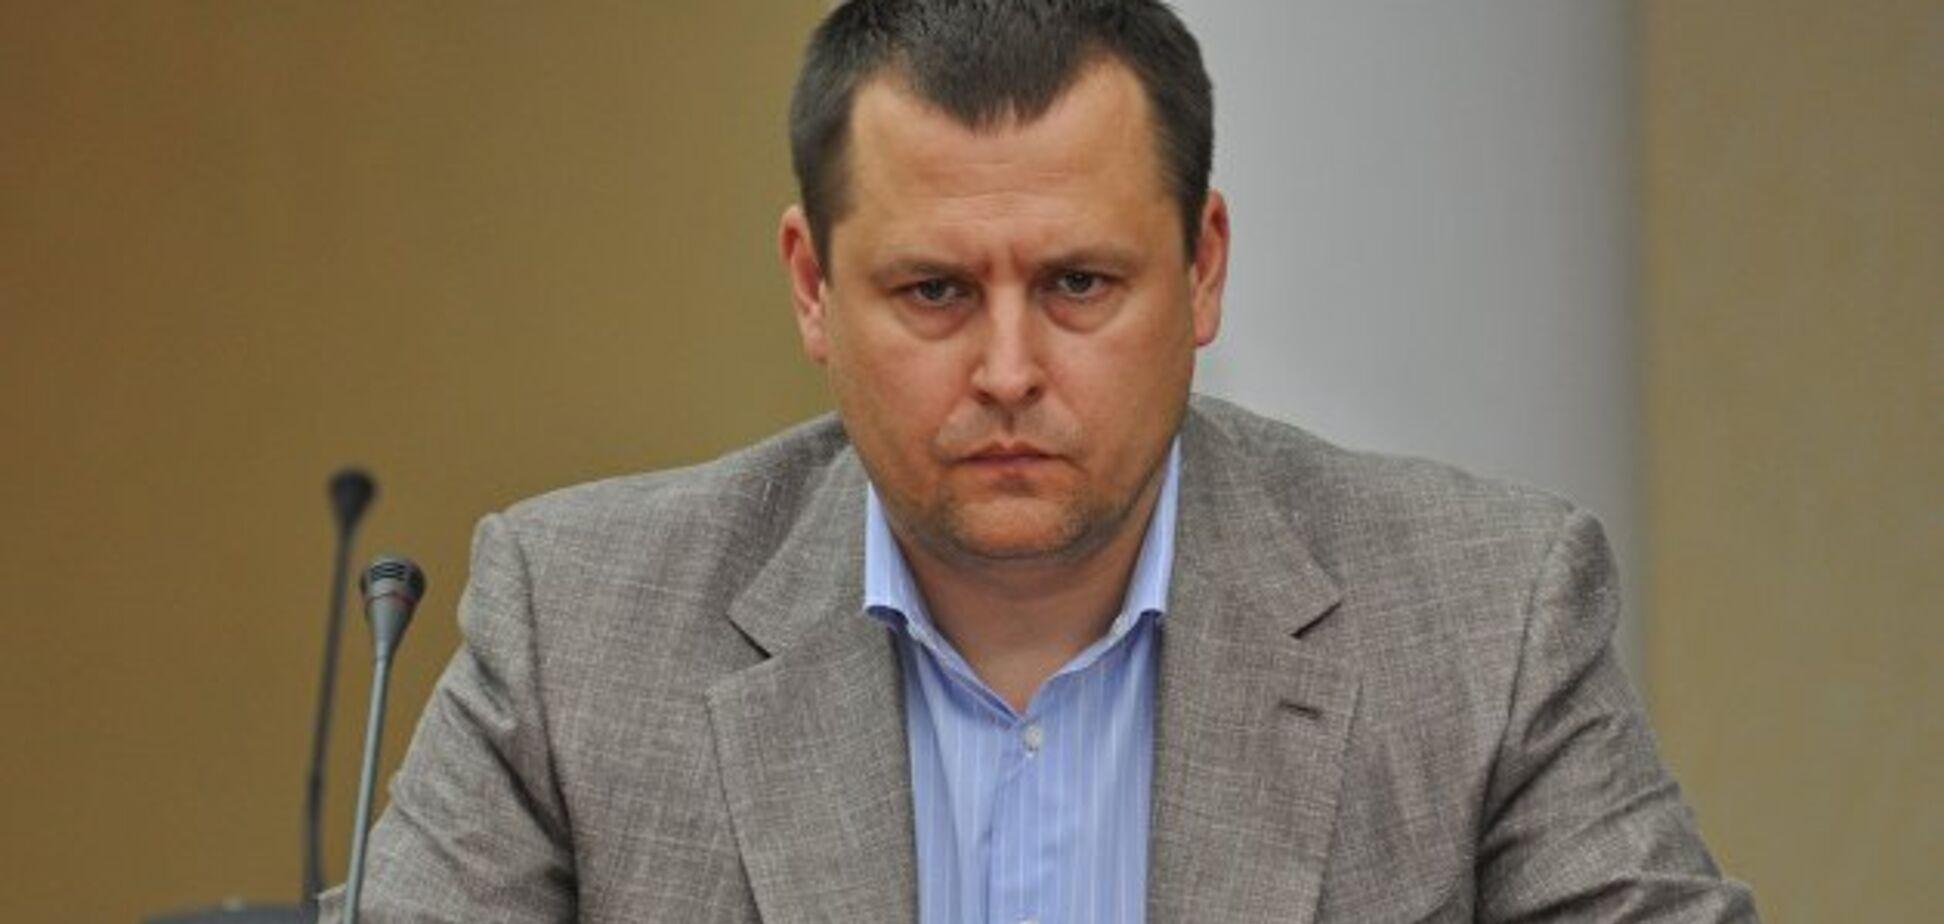 У Киева - минус миллиард, у Днепра - 300 миллионов: Филатов назвал цену налоговых льгот для олигархов